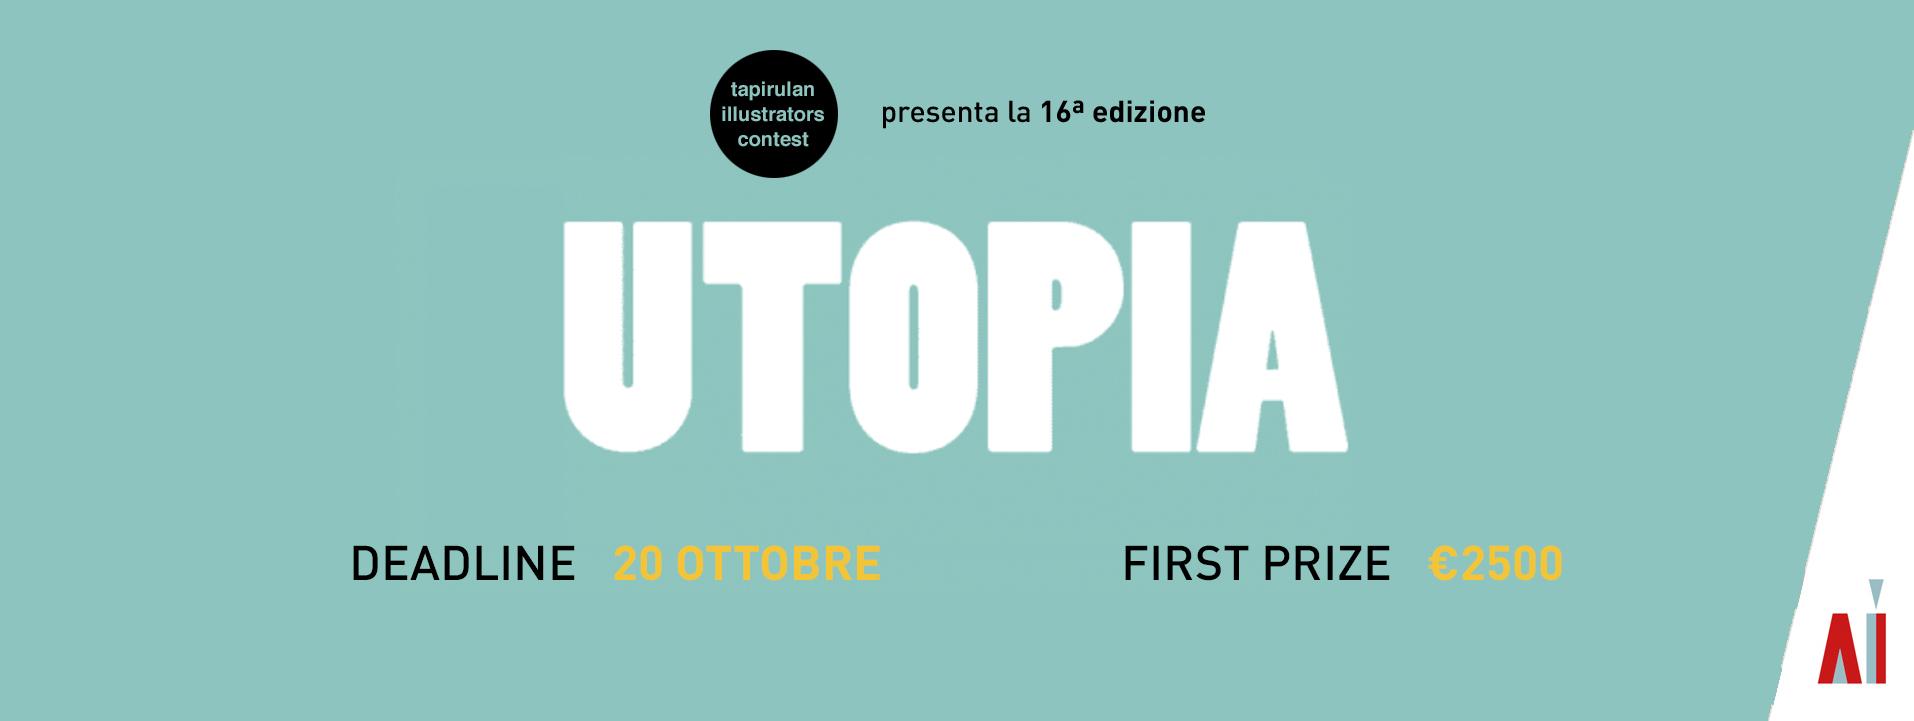 tapirulan_utopia_contest